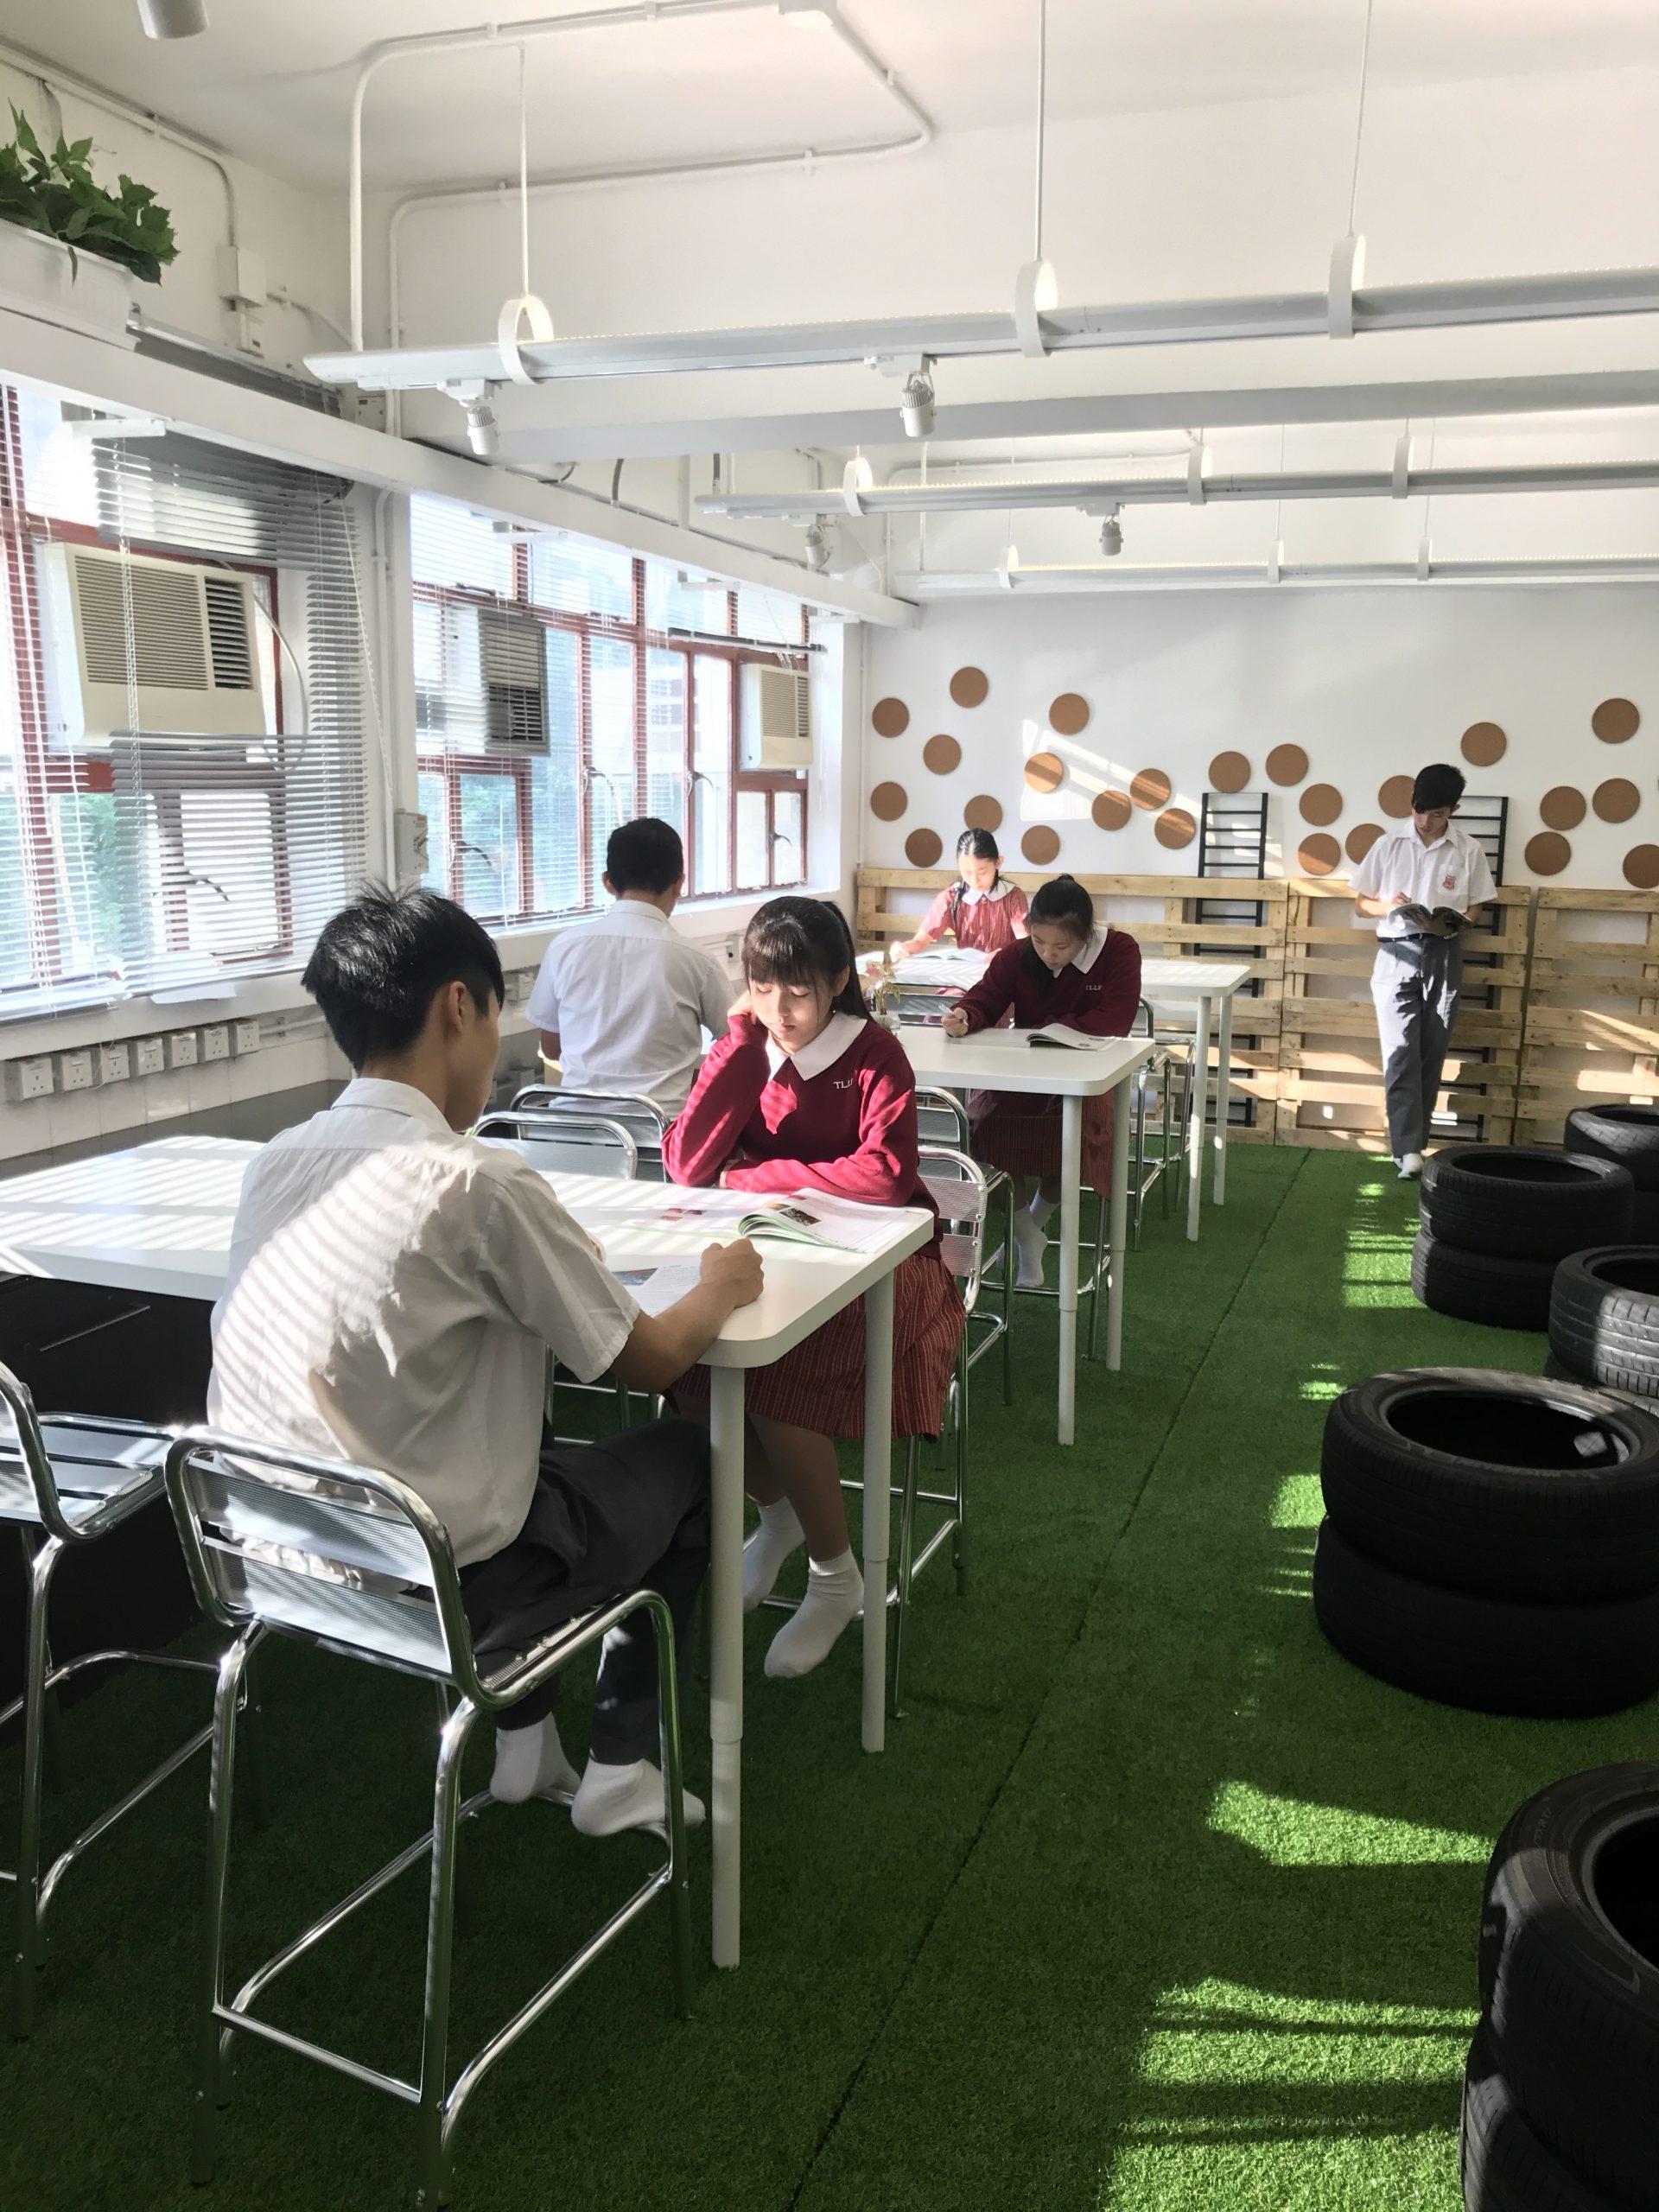 cosy and comfortable school designs 9